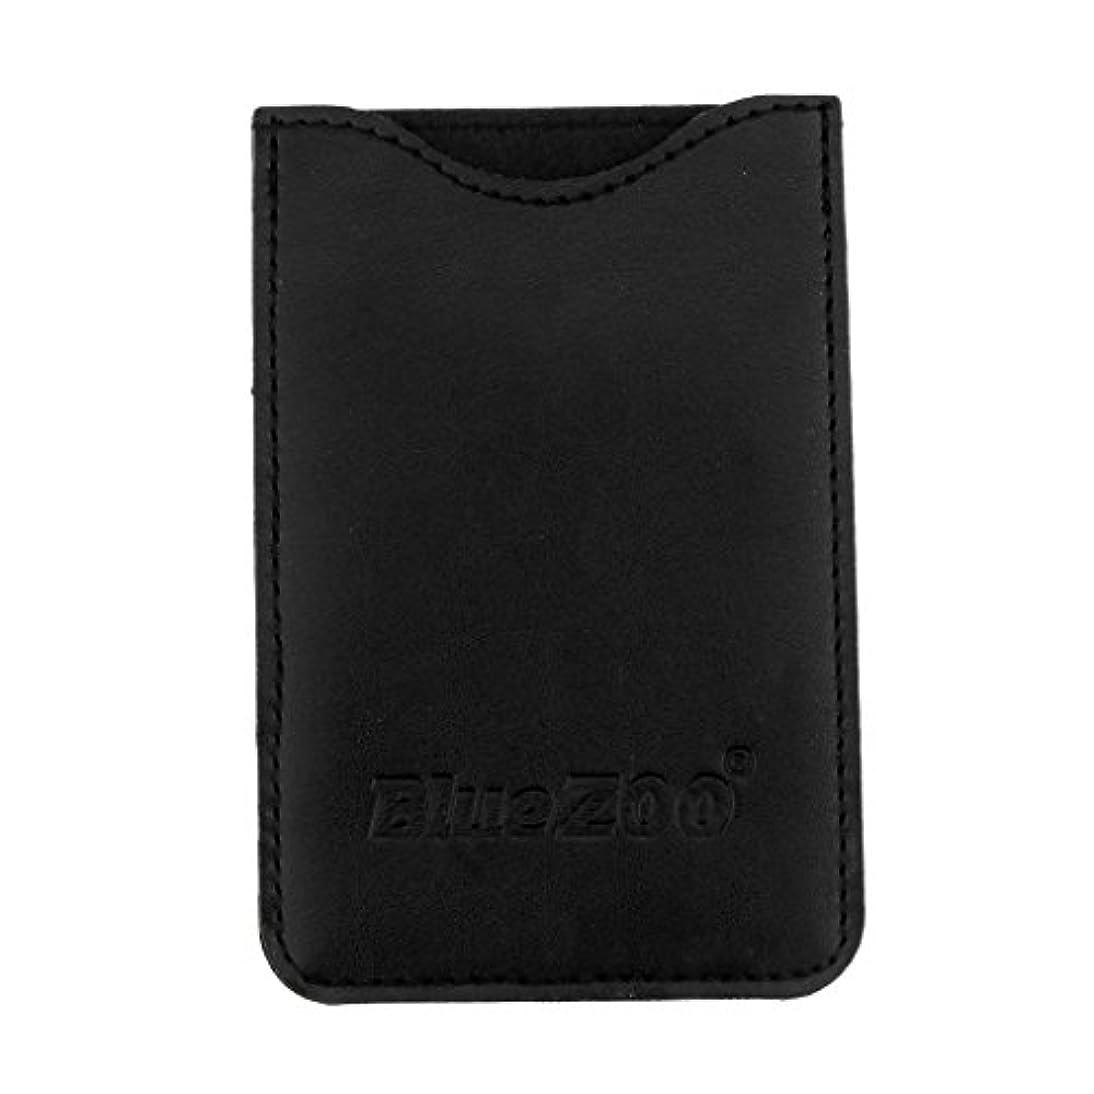 オフ狼クロニクルToygogo PUレザー ポケット コームバッグ 櫛バッグ 収納パック 保護カバー 柔らかい 全2色 - ブラック